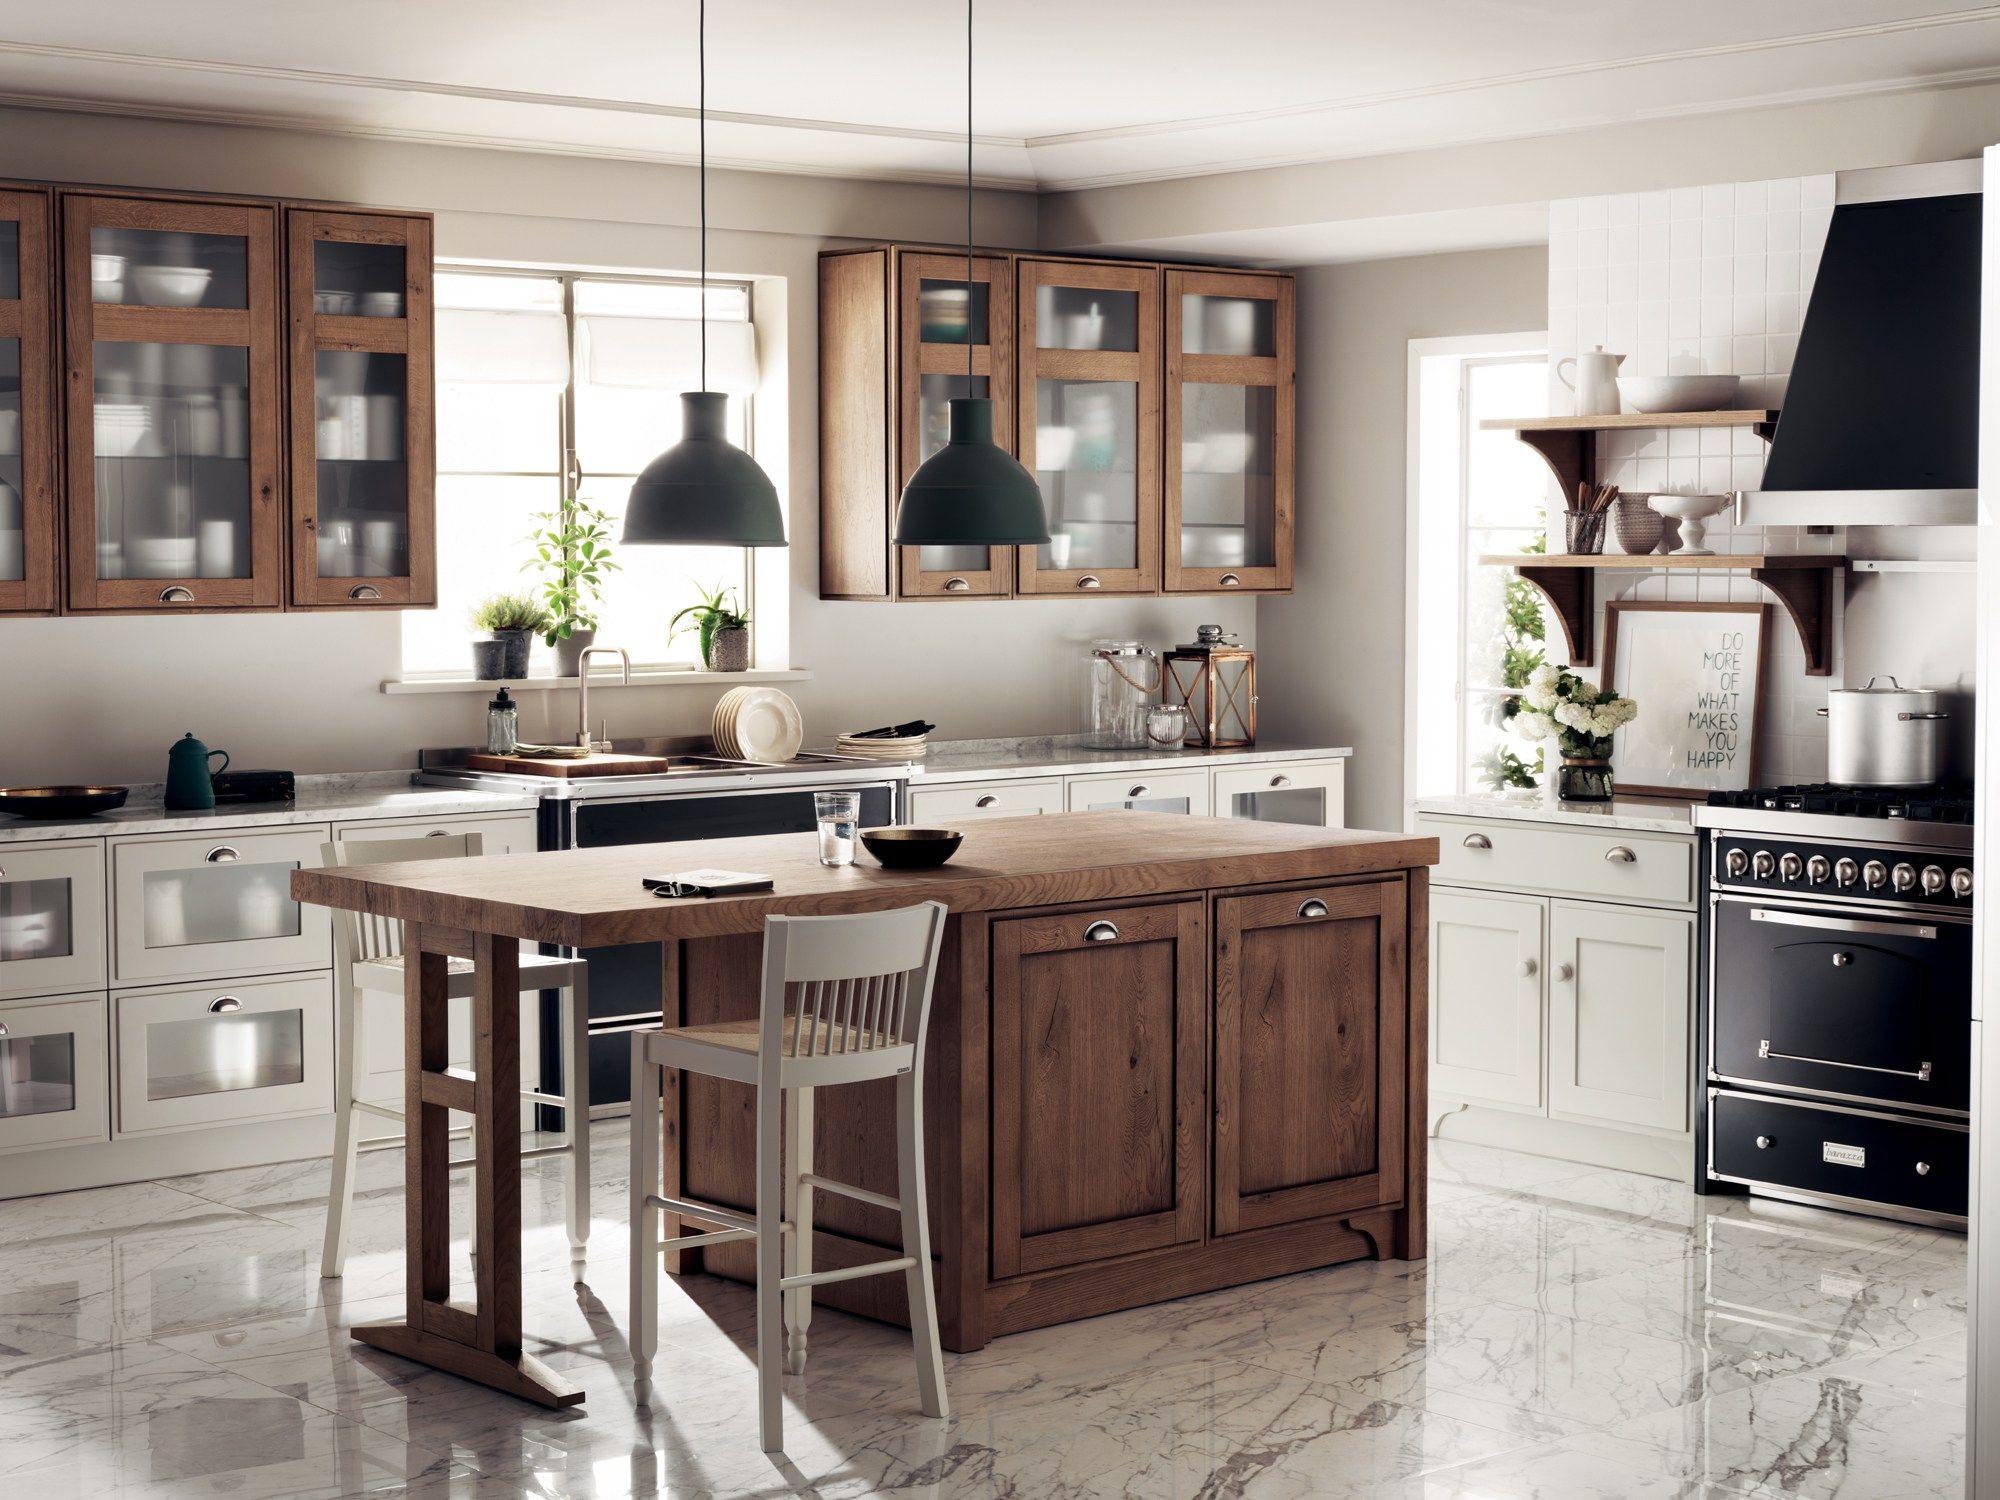 fitted kitchen favilla scavolini linescavolini